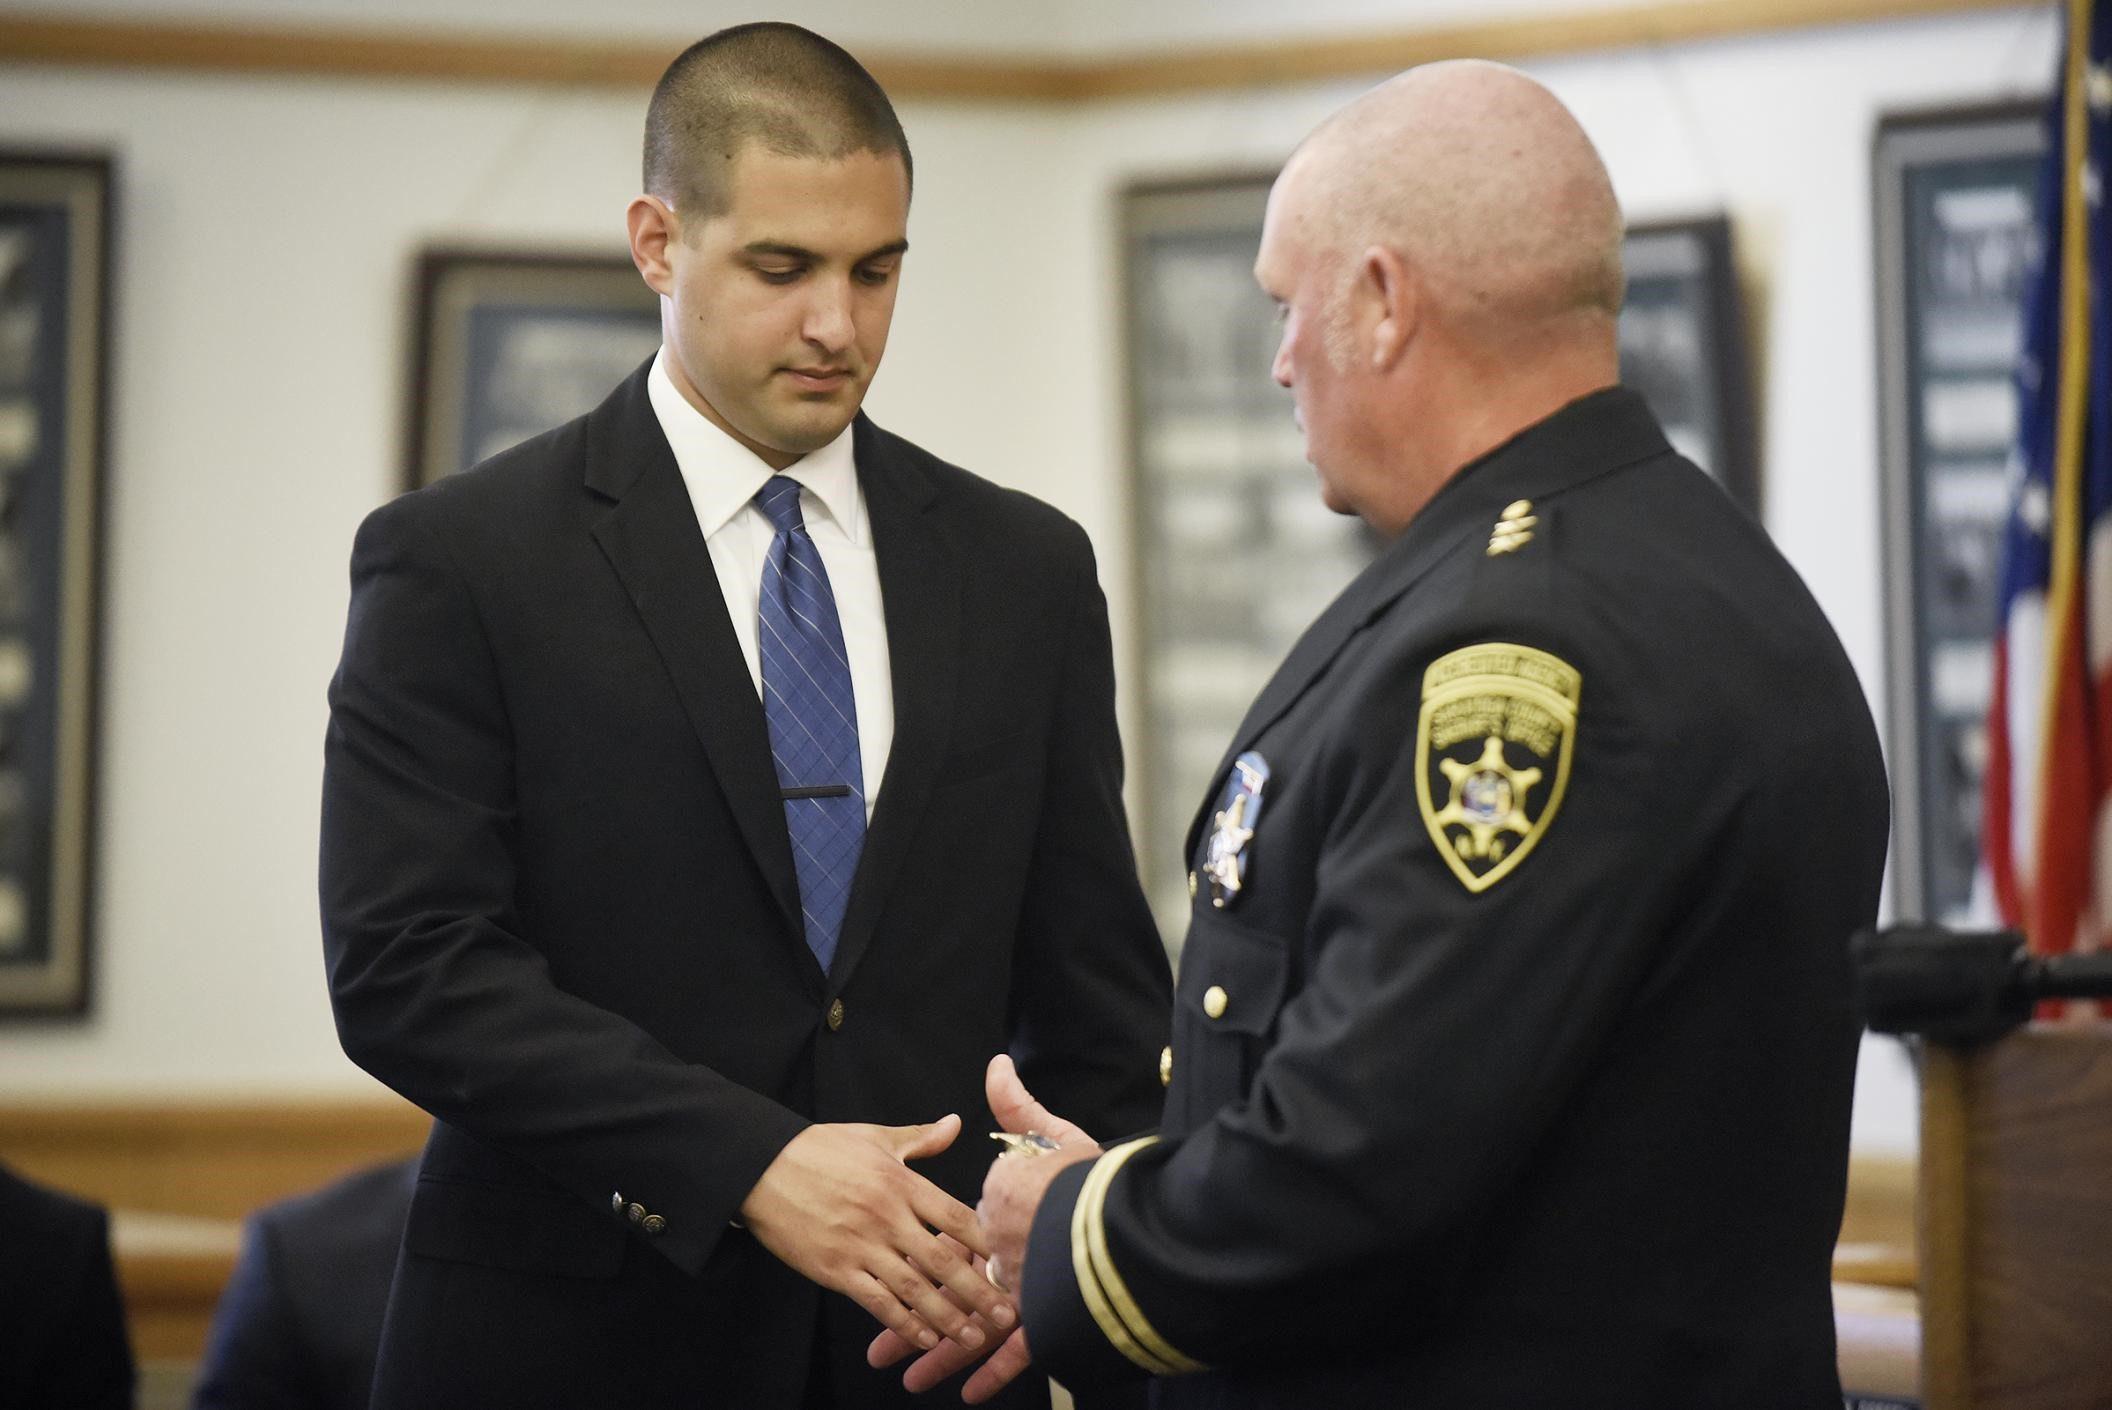 Deputy Sheriff Patrick Dell'Anno